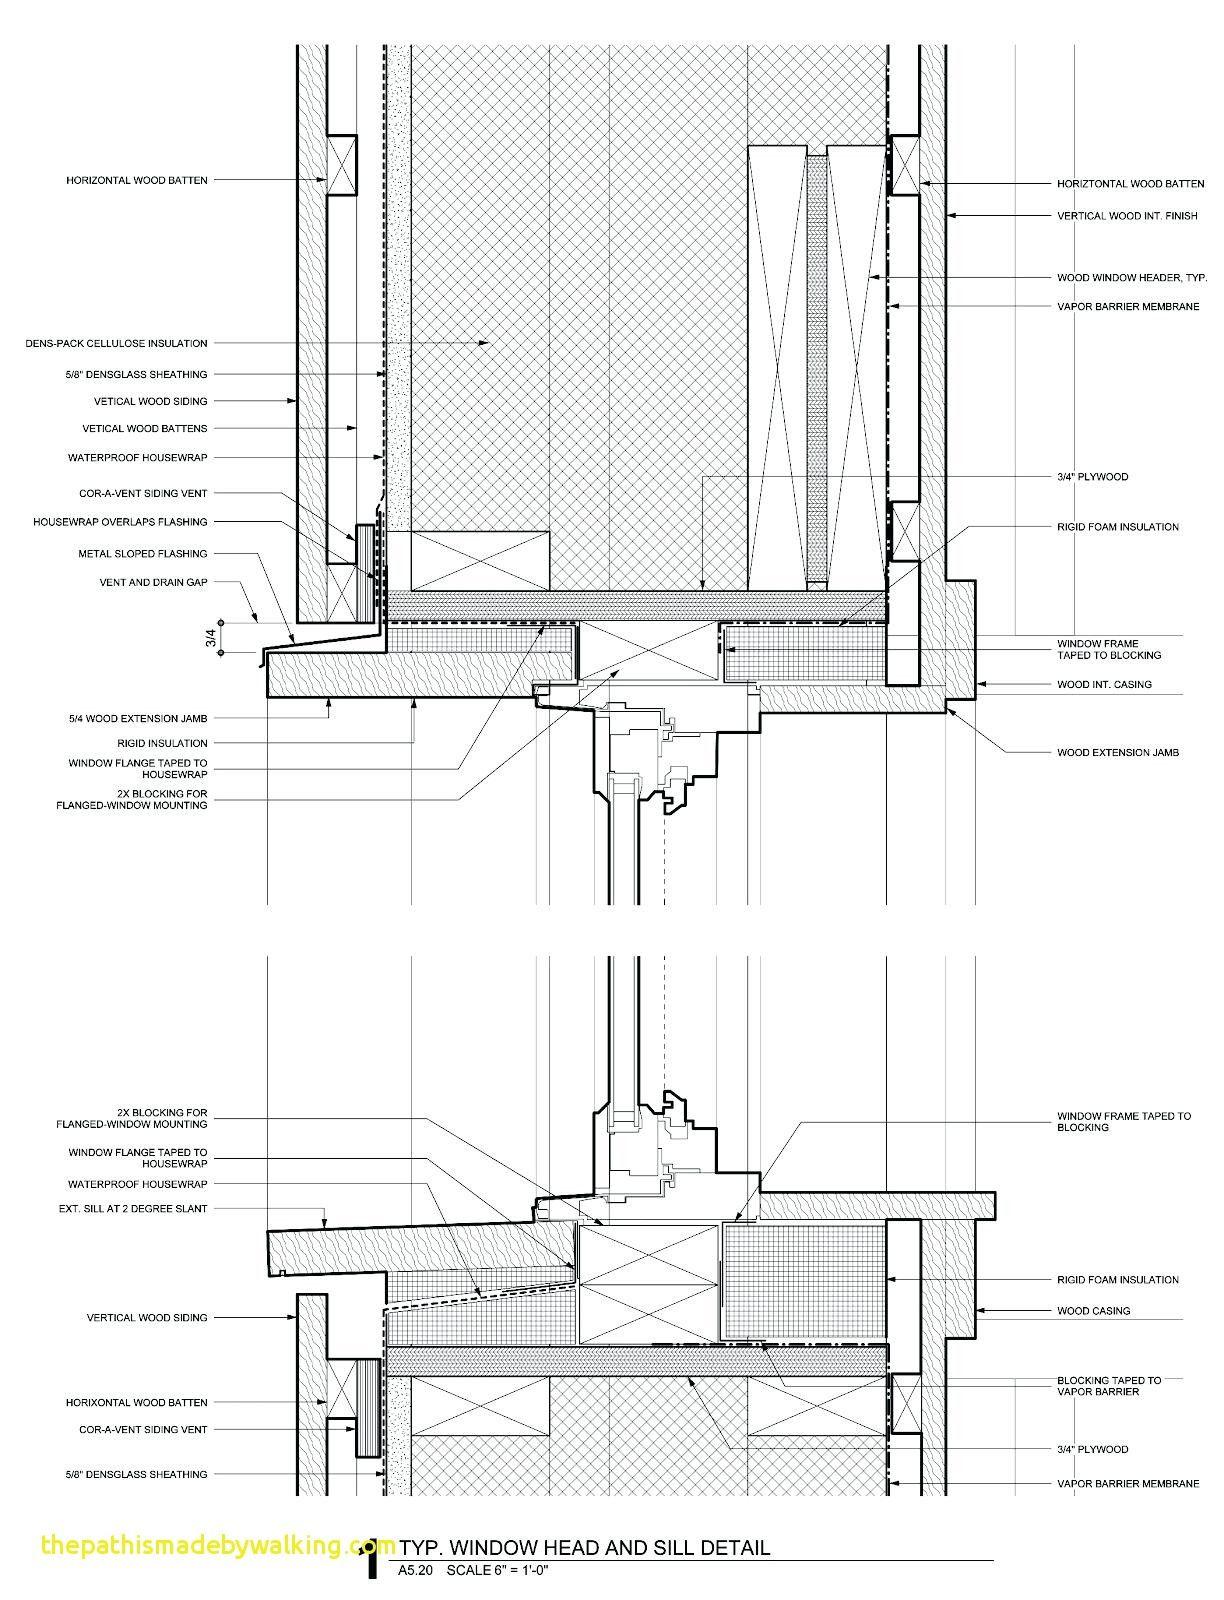 Aluminium Casement Windows Details Lovely Awning Window Detail Full Detail Window Window Head And Sill Passive House Design Architecture Details Fenestration